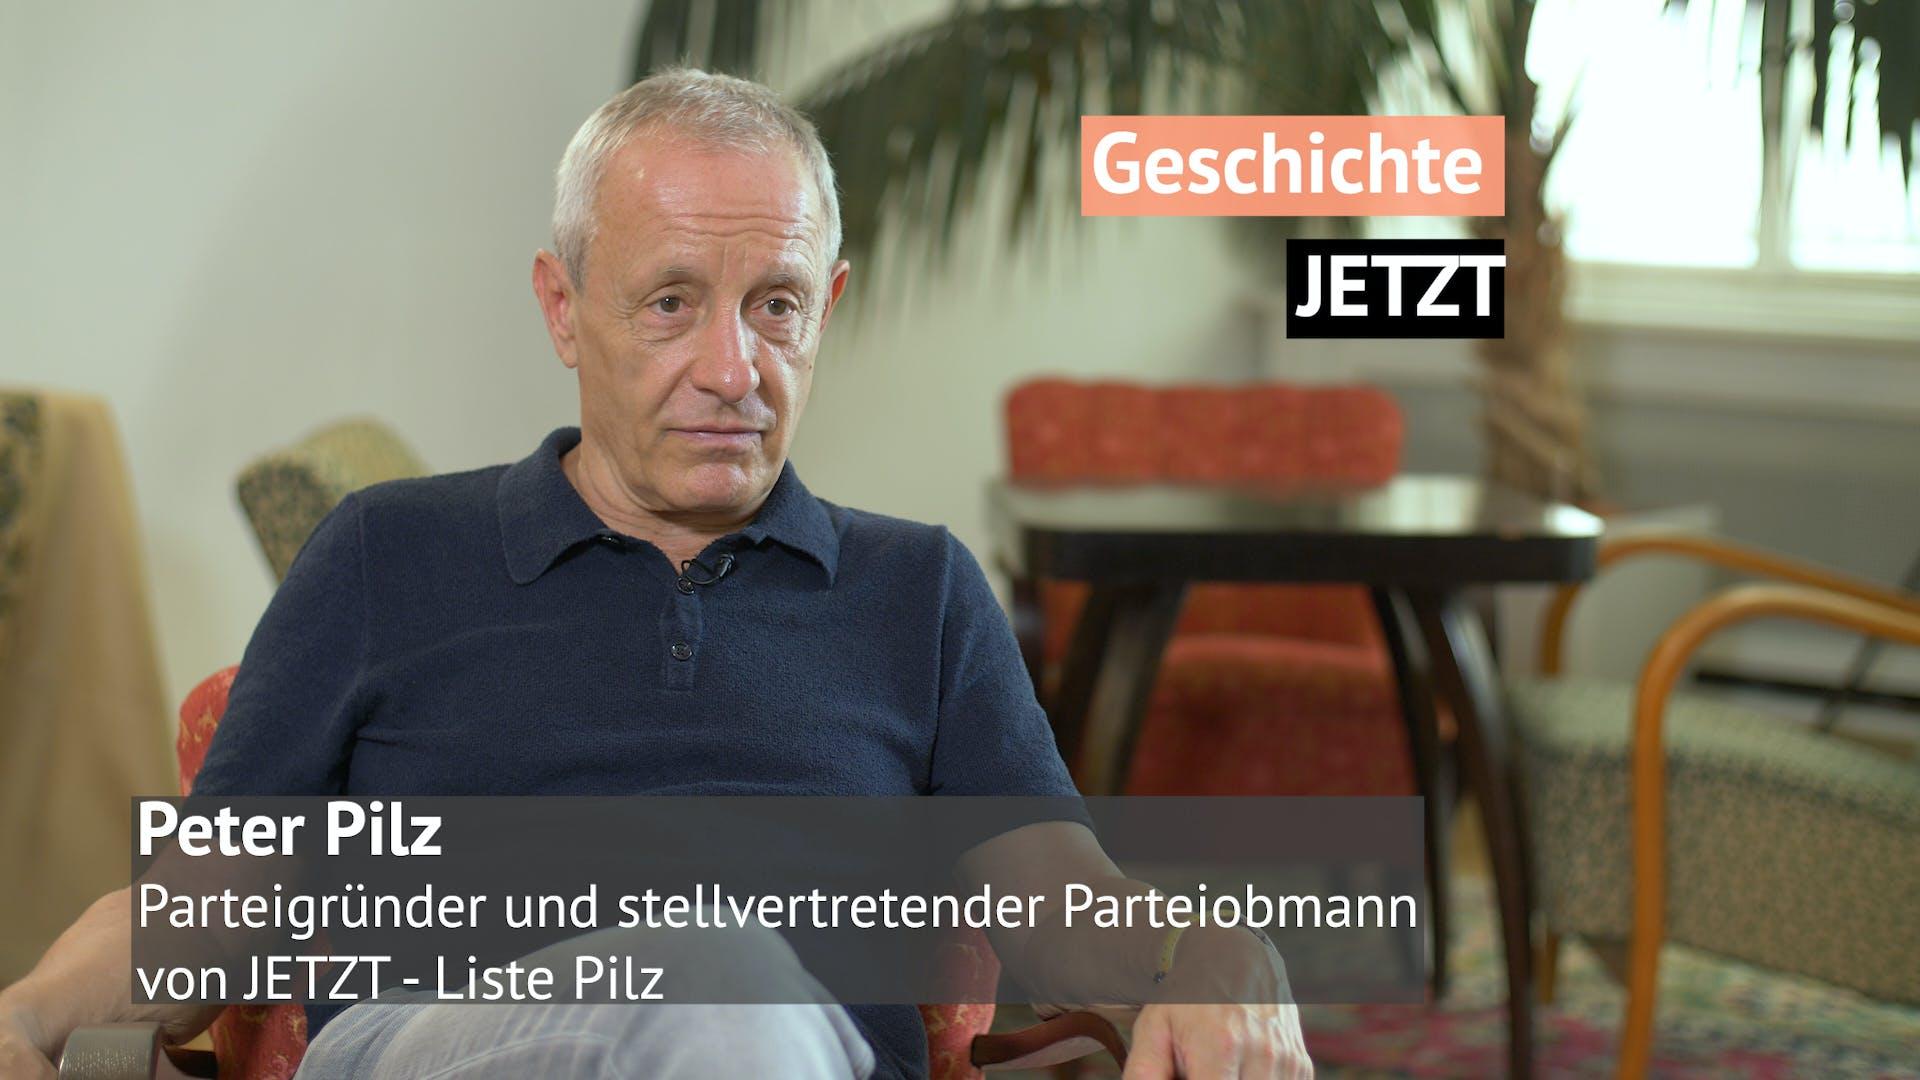 Geschichte JETZT - Peter Pilz